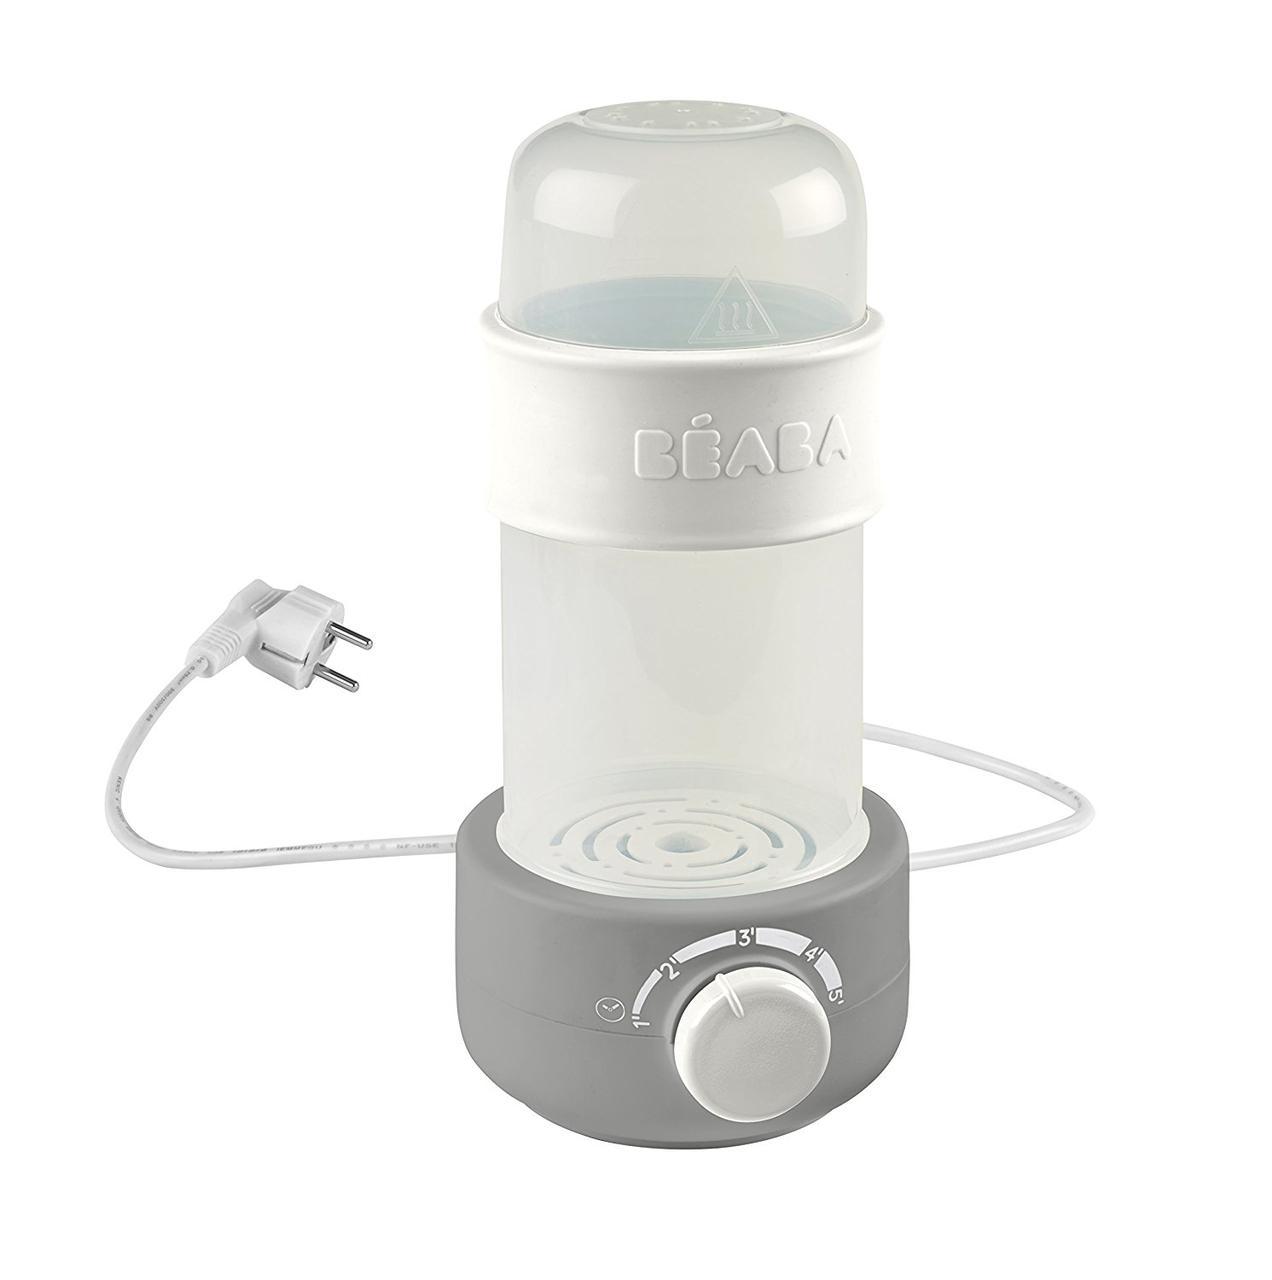 Паровий підігрівач для пляшечок і баночок Beaba Baby Milk Second grey, арт. 911620